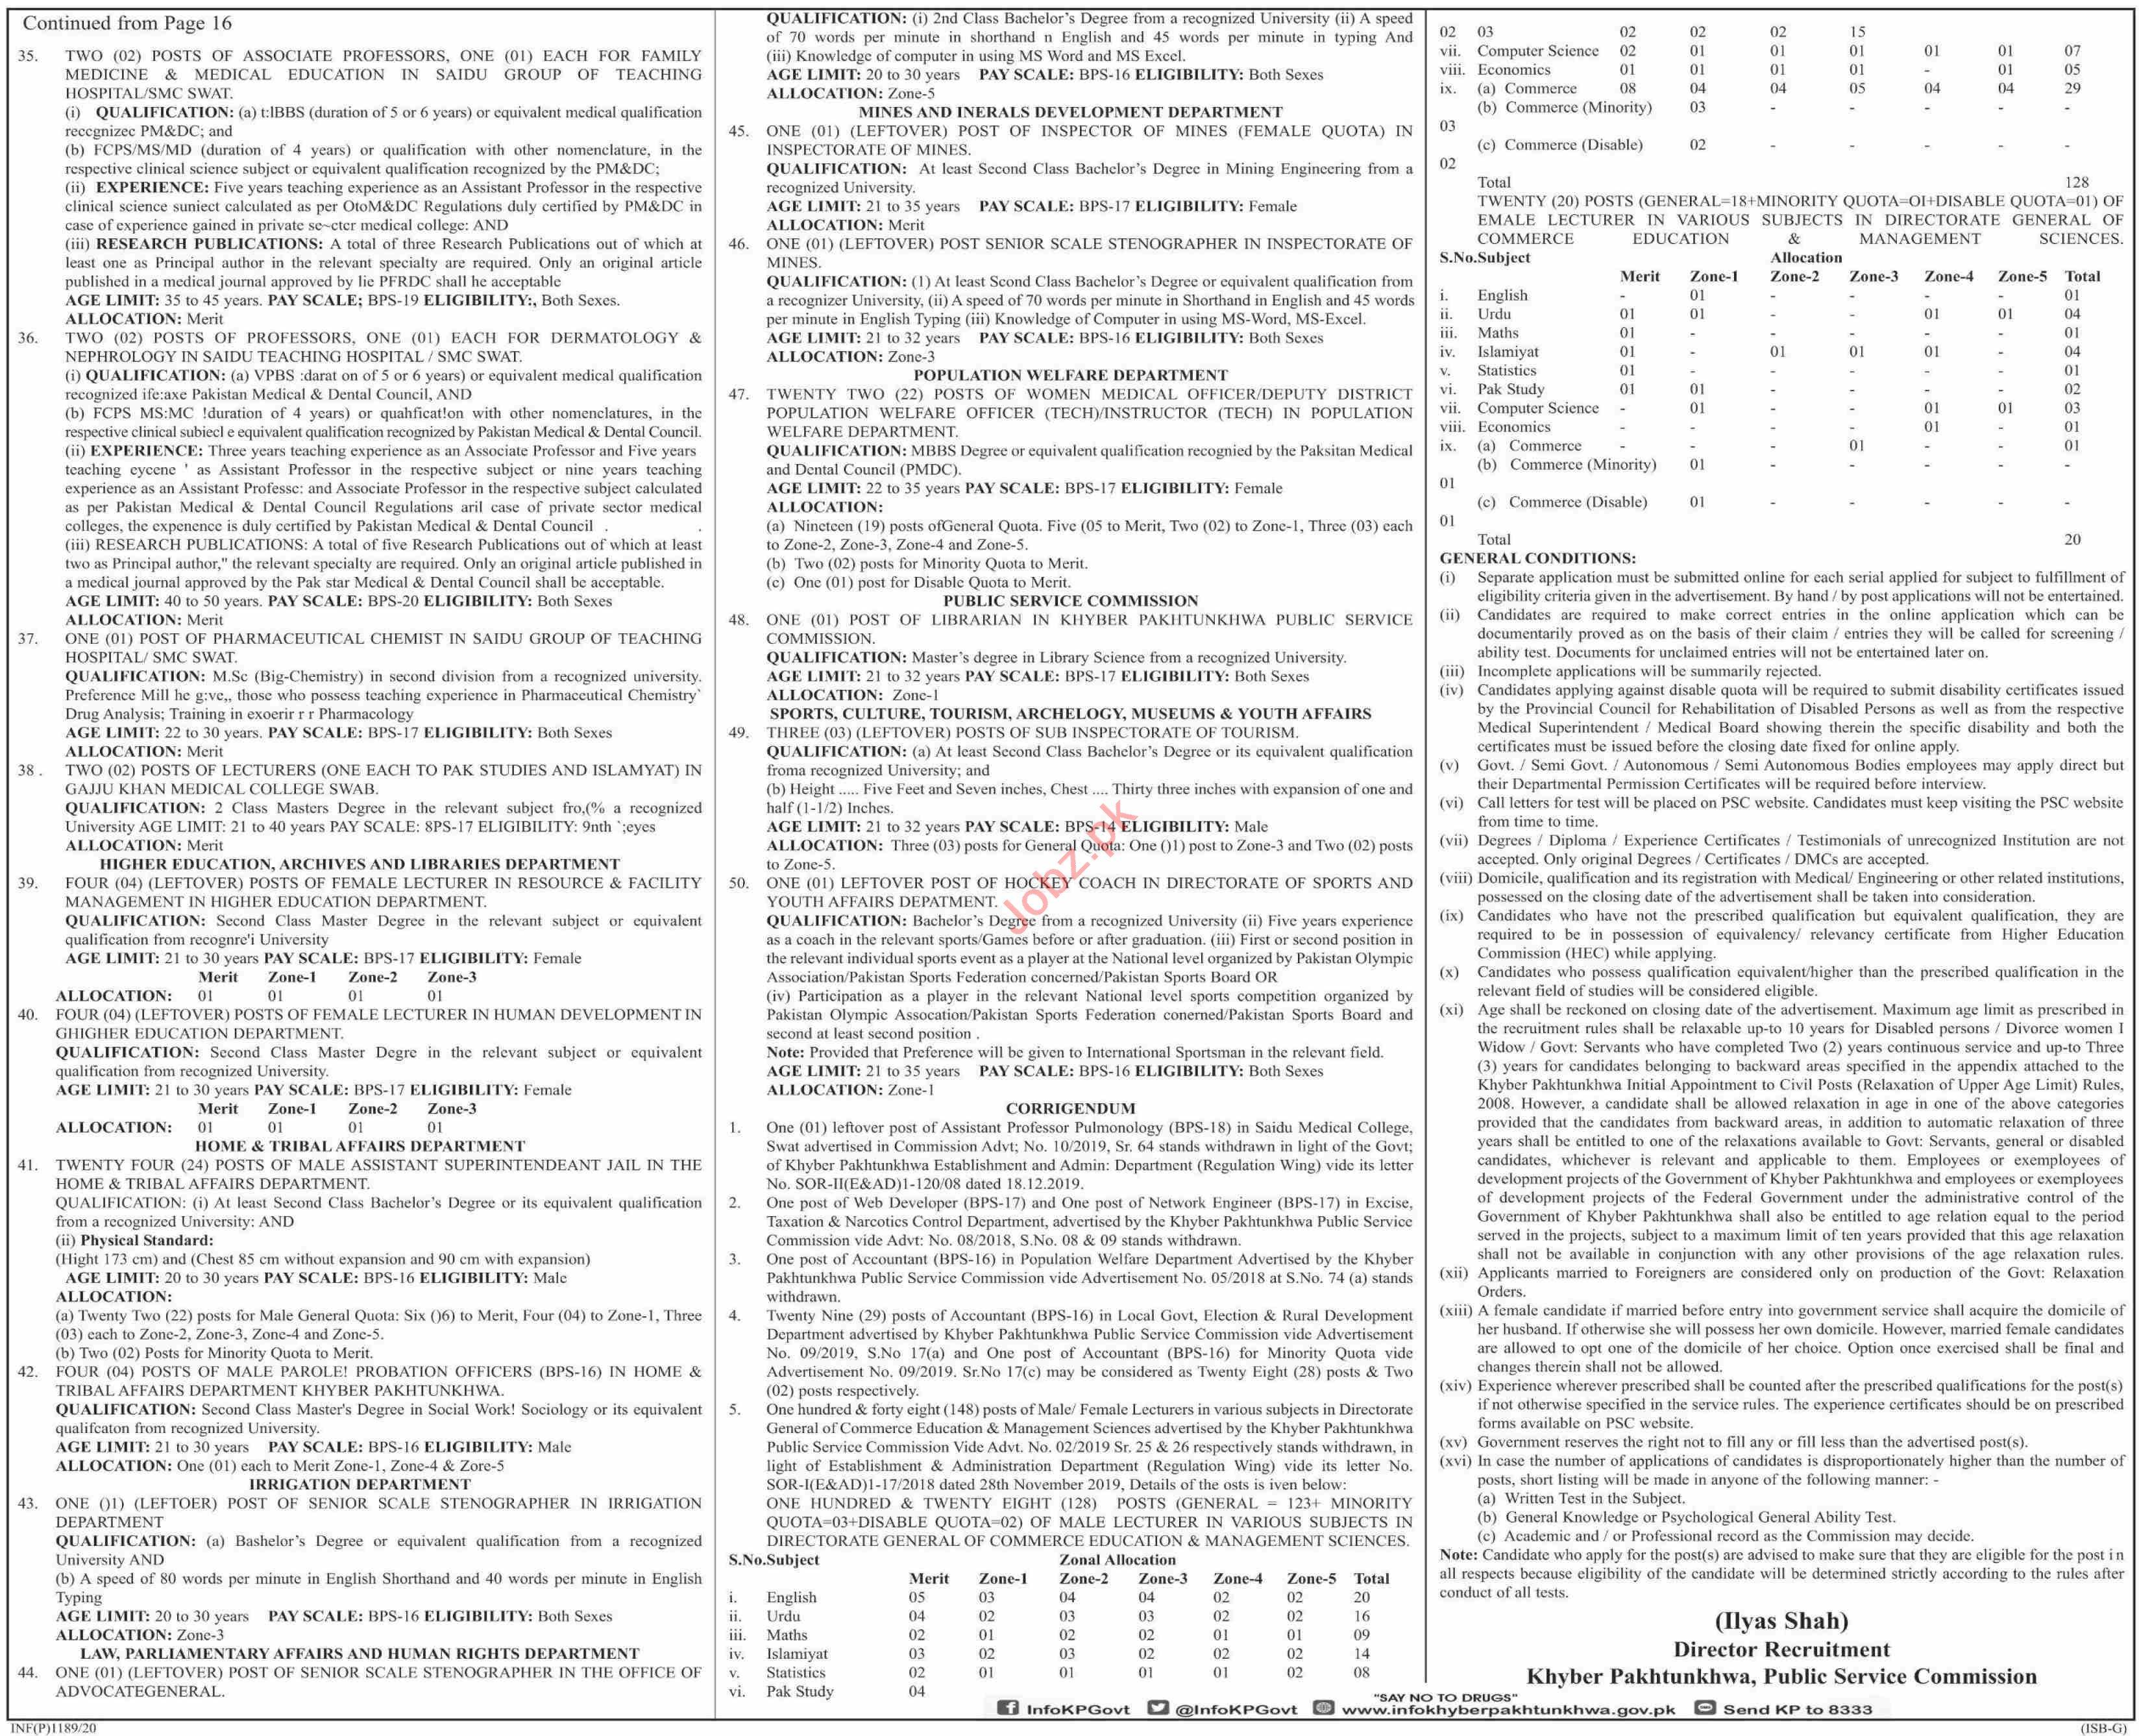 KPPSC Public Service Commission Jobs April 2020